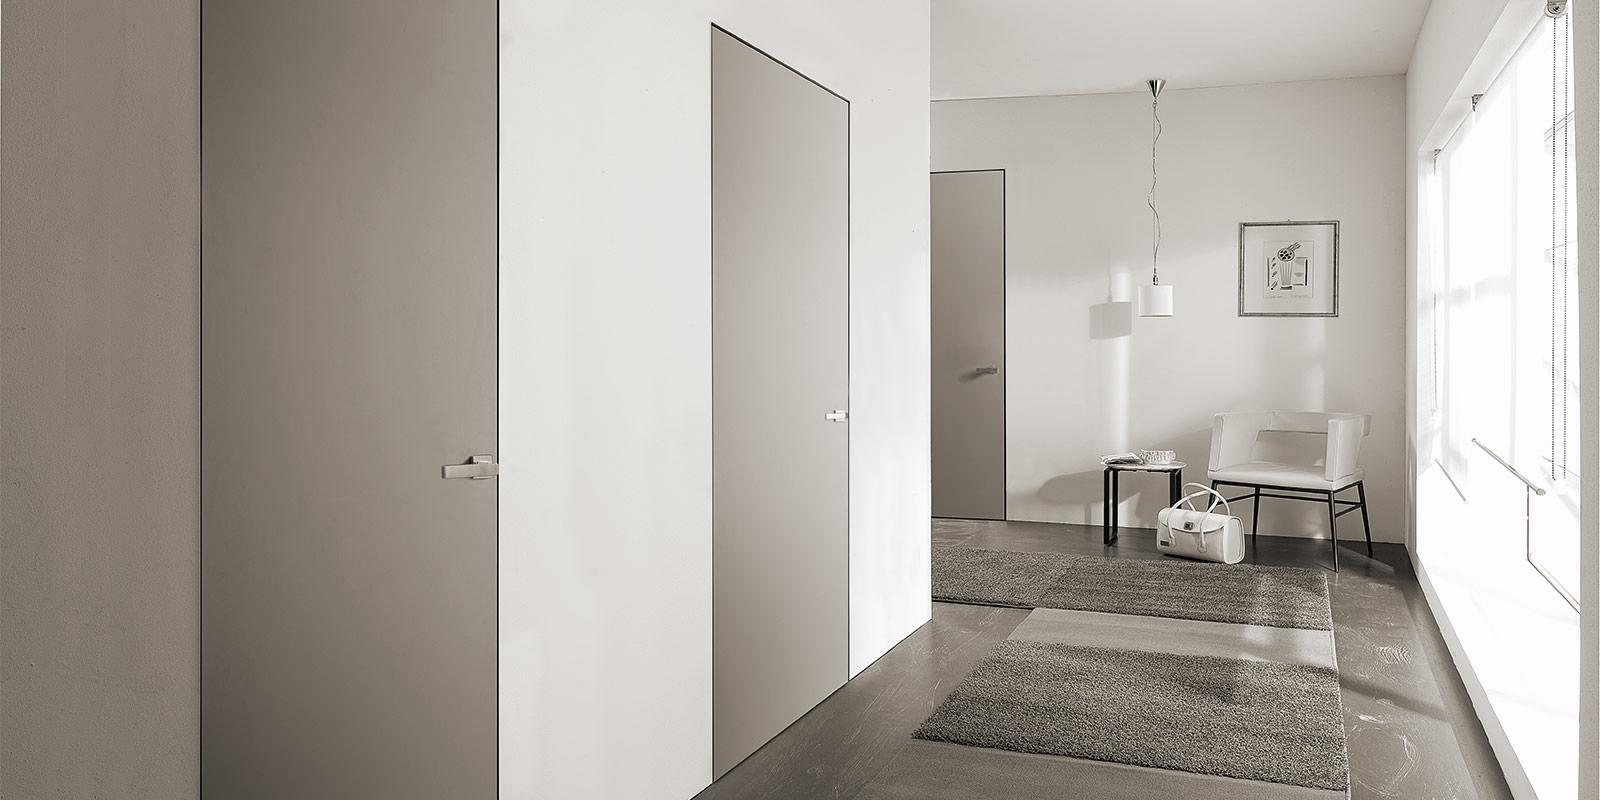 porte-filomuro-design